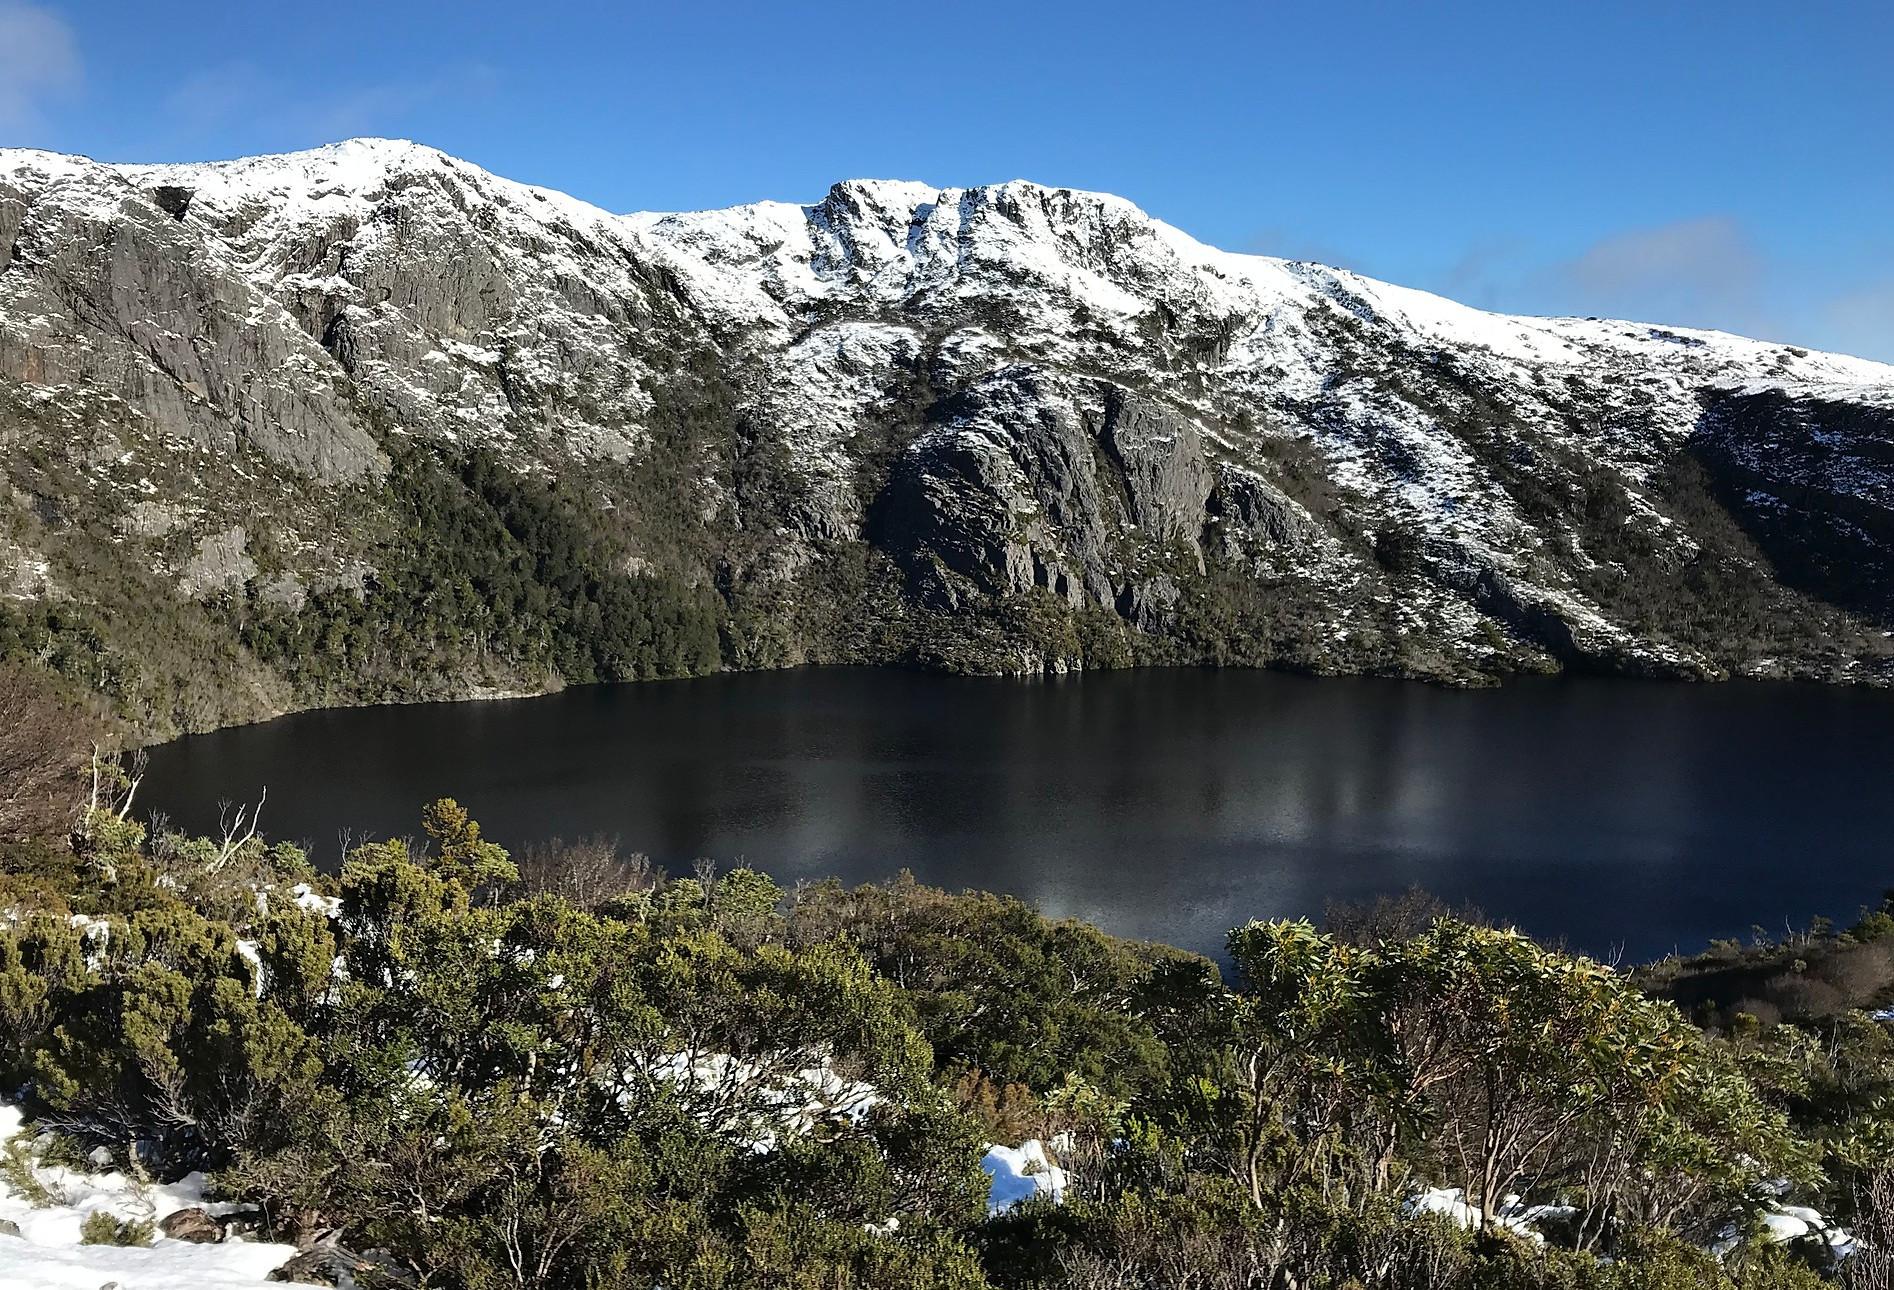 Озеро - Кратер лейк — Тасмания 2018 — Блог о путешествиях Сергея Чеботова